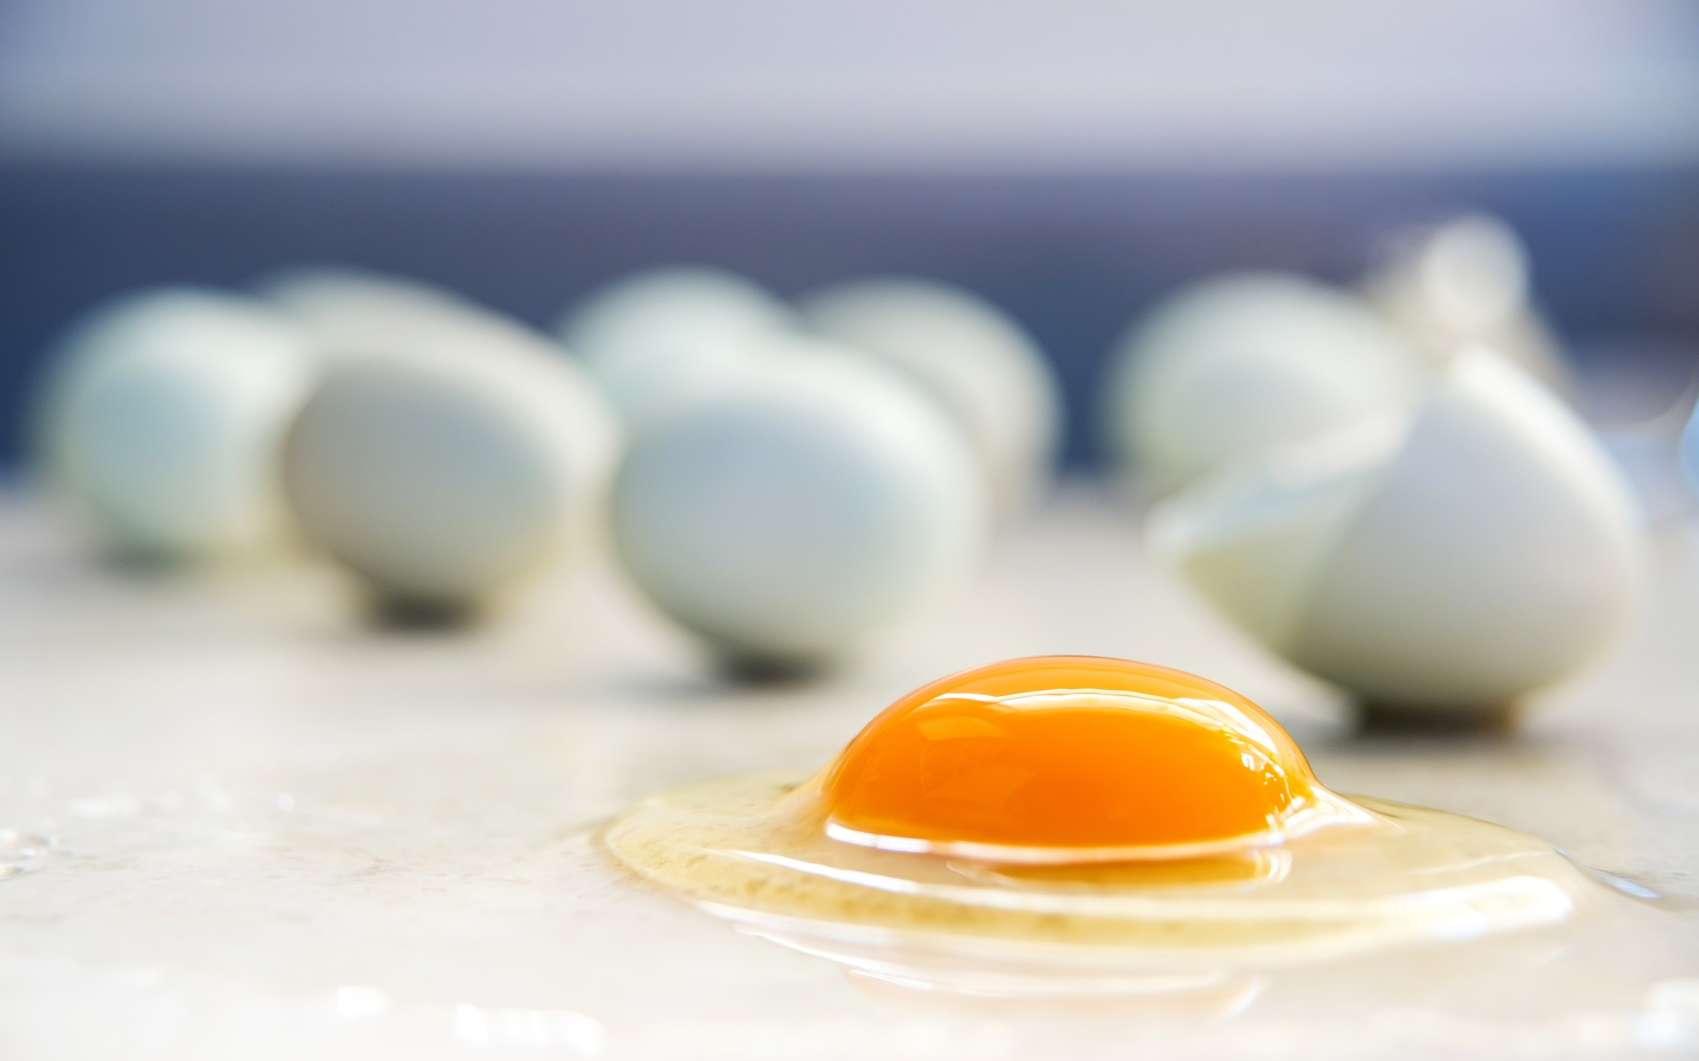 Le jaune d'œuf est un aliment particulièrement riche en choline. © Anna Hoychuk, Fotolia